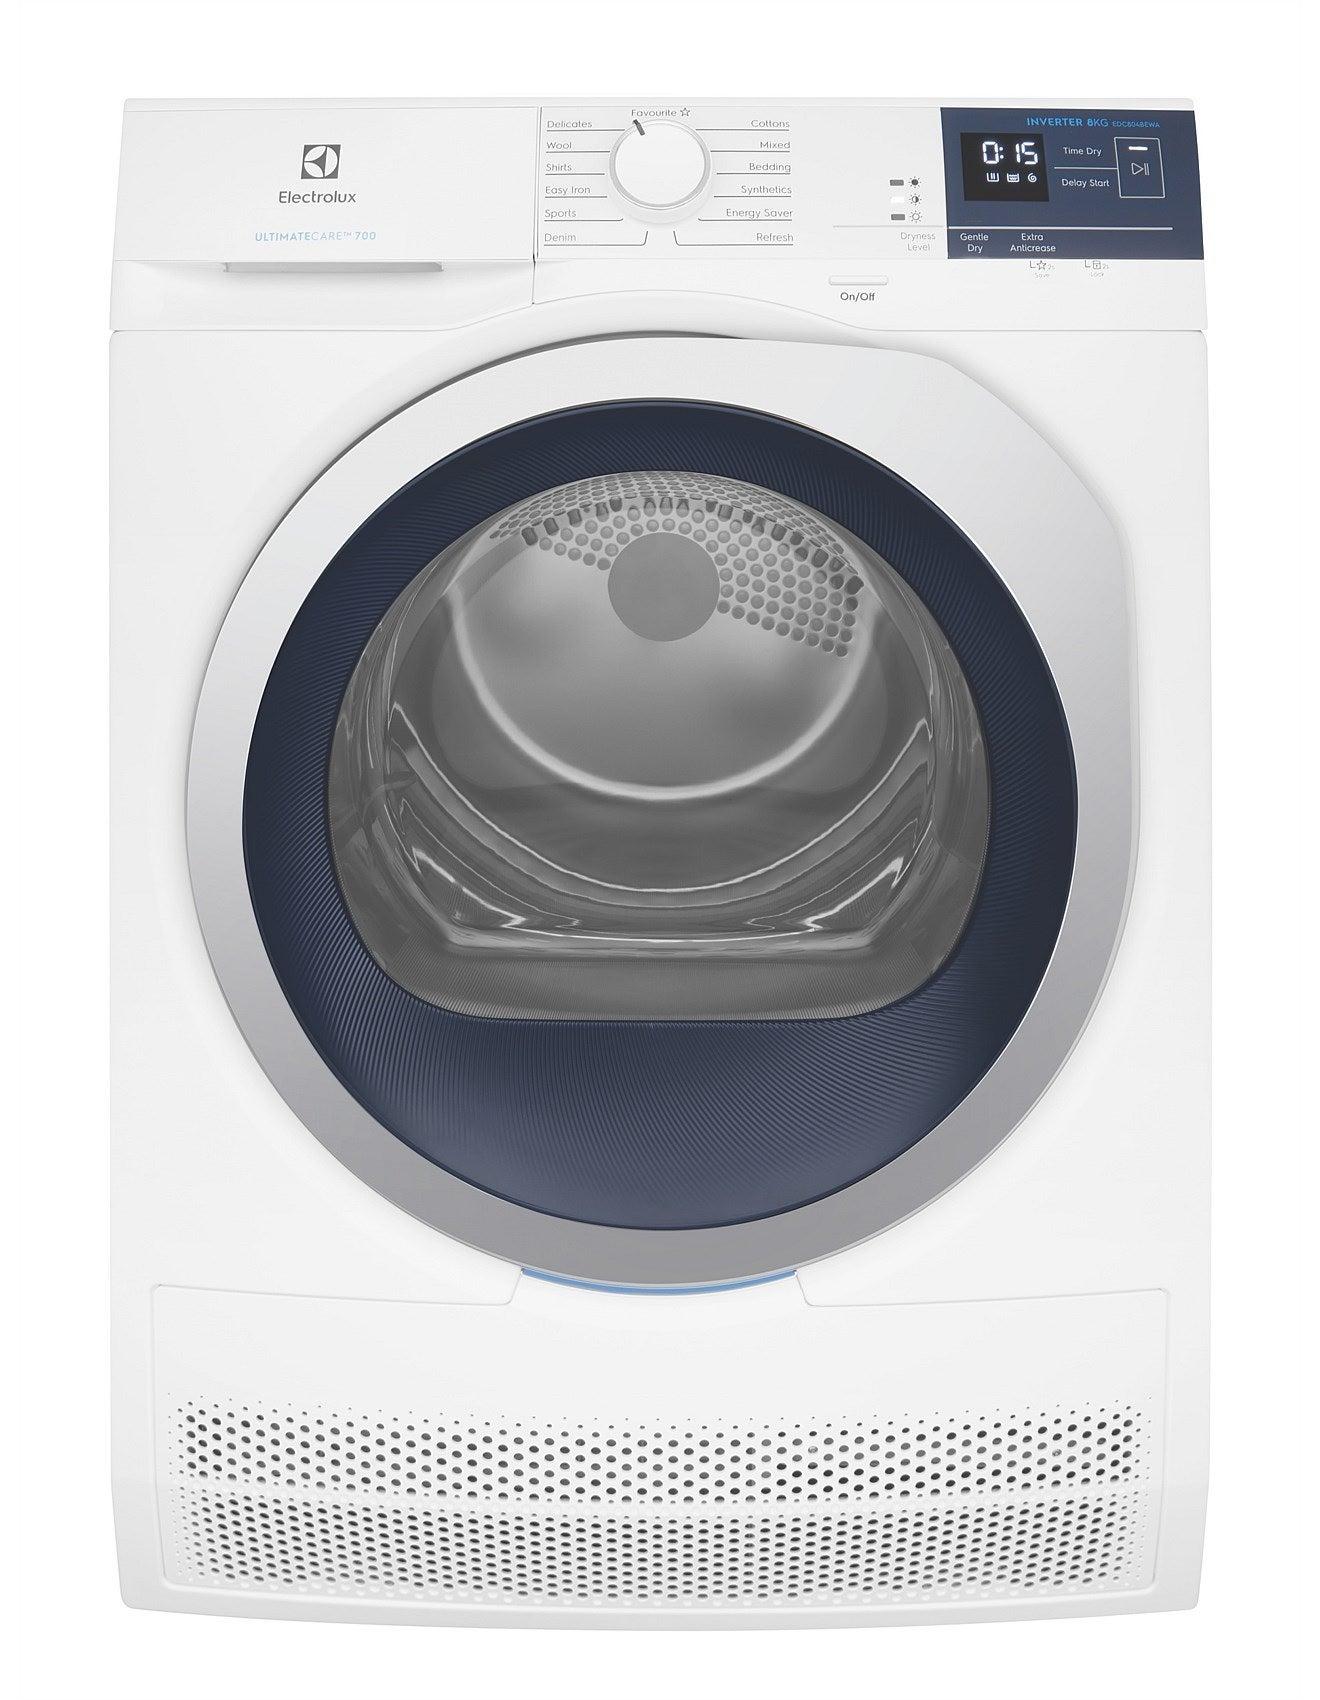 Electrolux EDC804BEWA Dryer